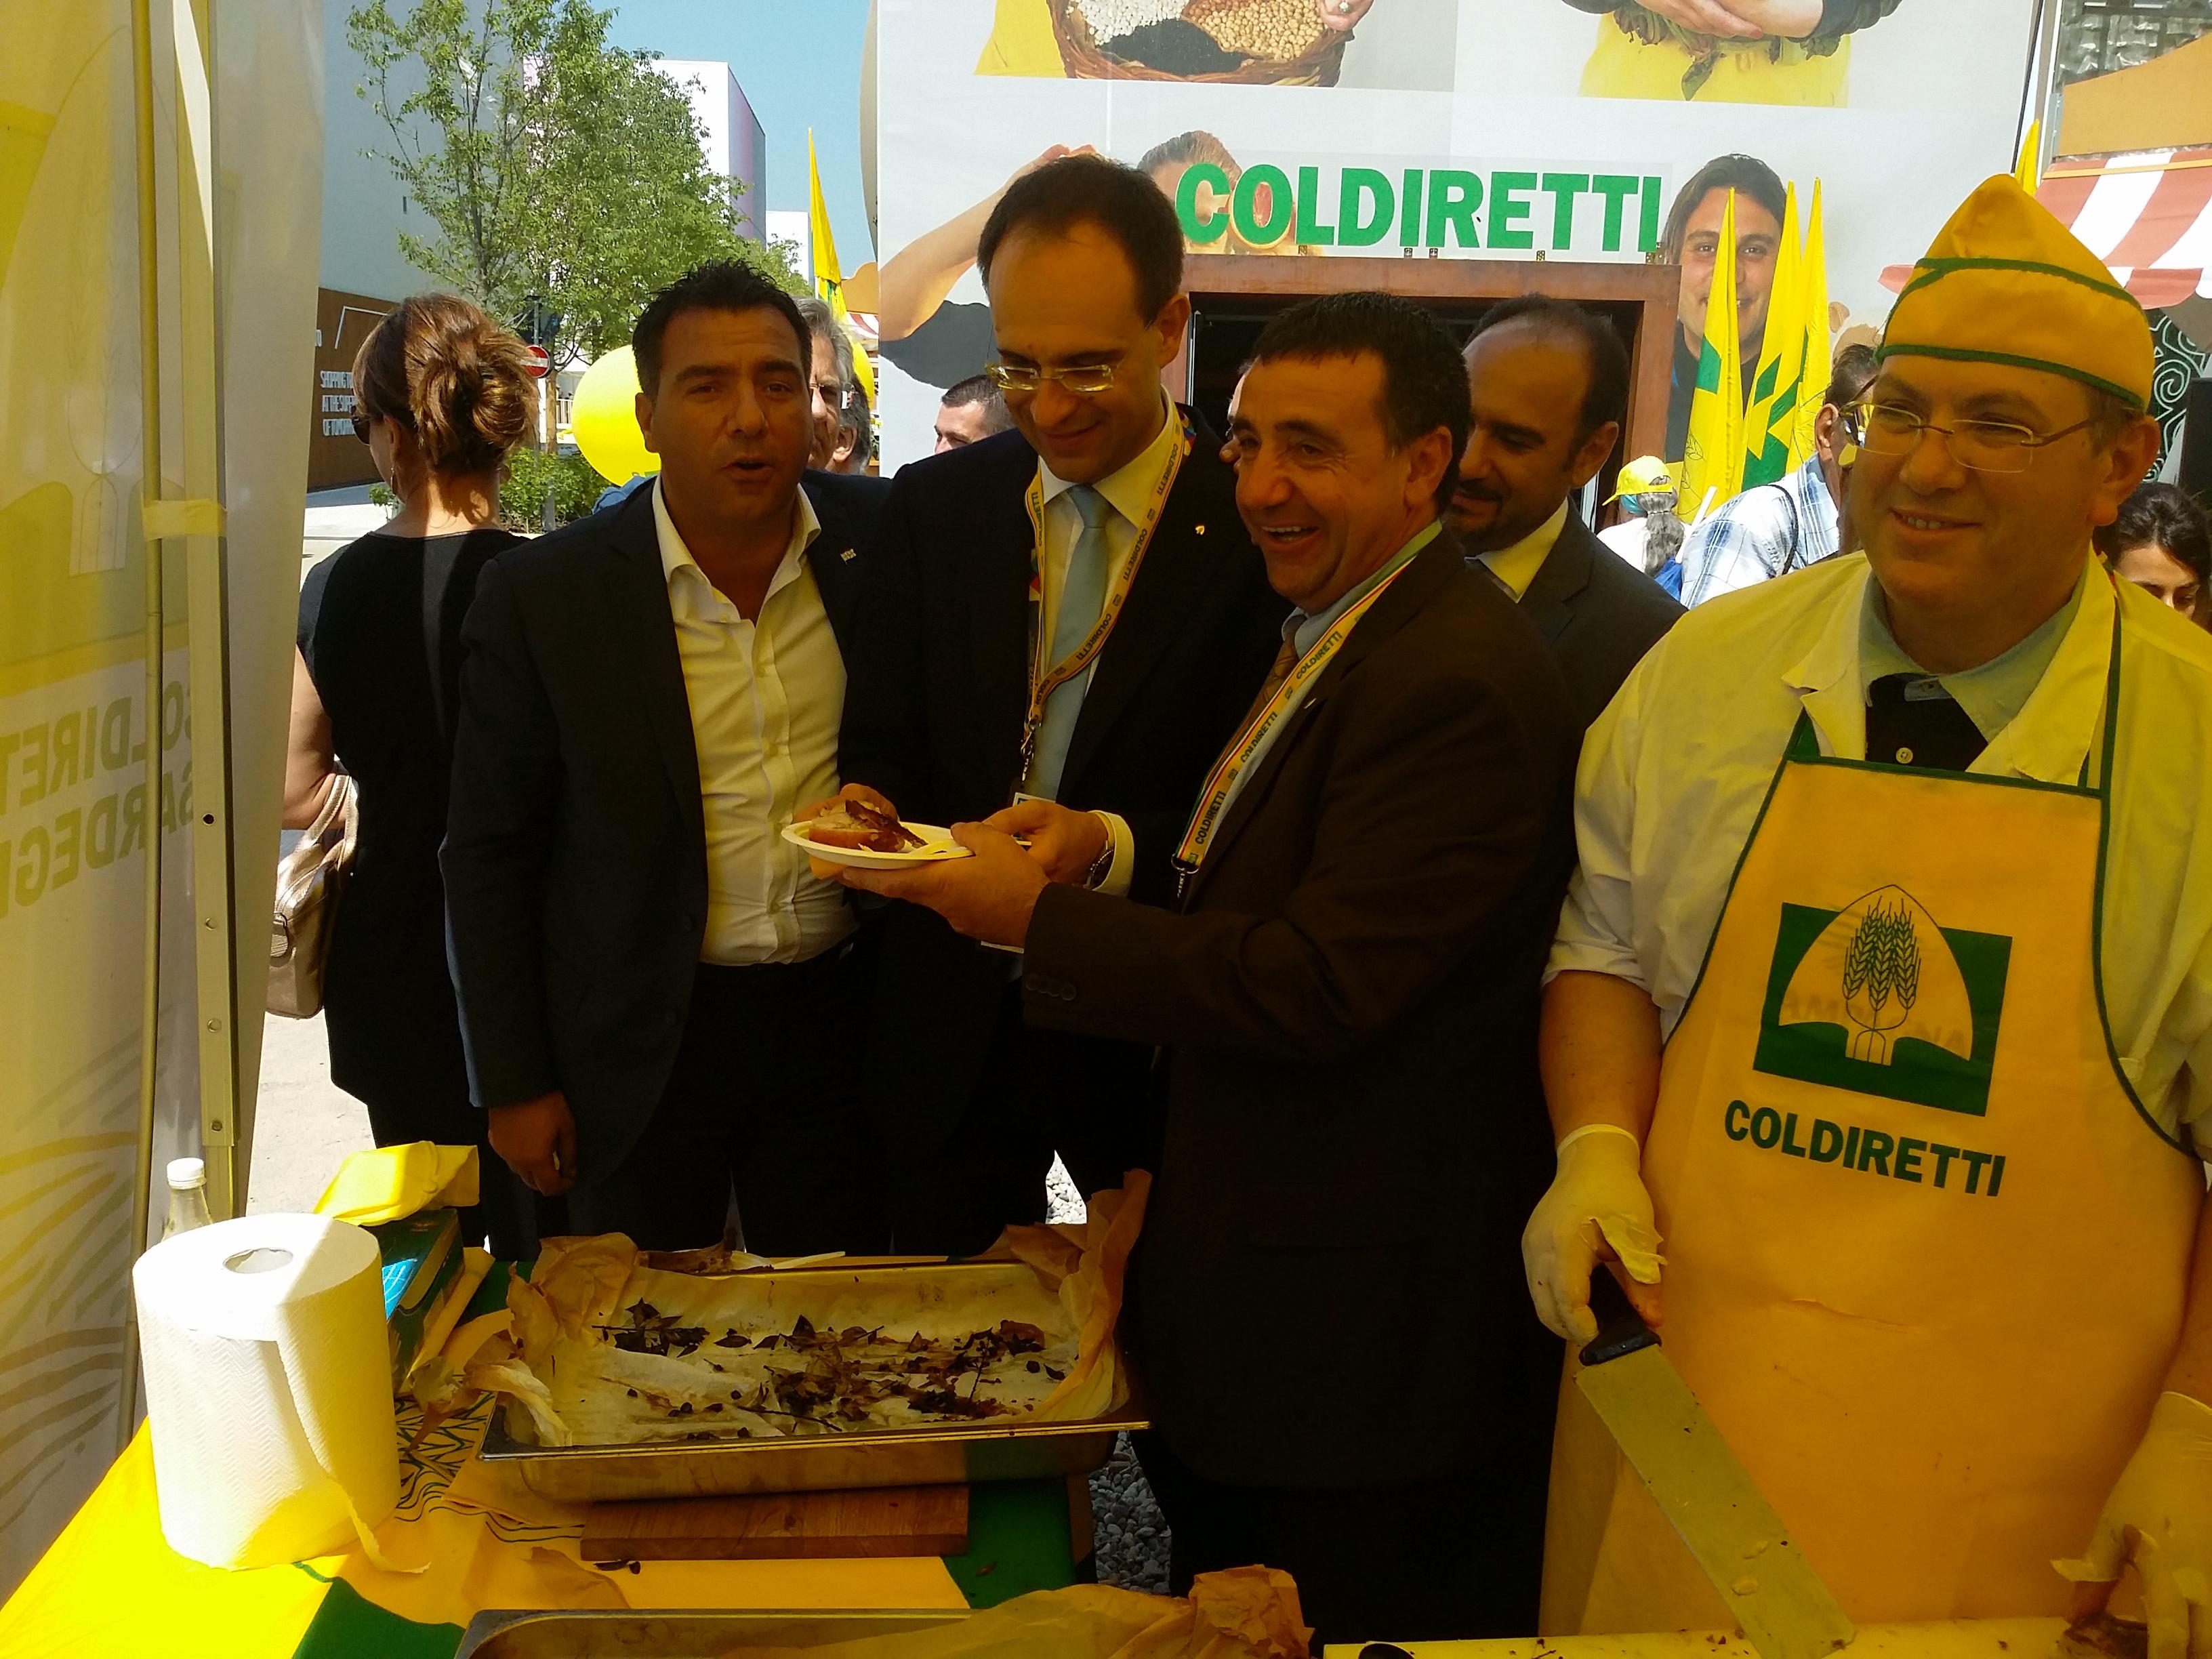 Oggi 26 giugno 2015 all'Expo nel Padiglione della Coldiretti è stato possibile degustare l'autentico Porcetto Sardo fuori dai confini isolani.